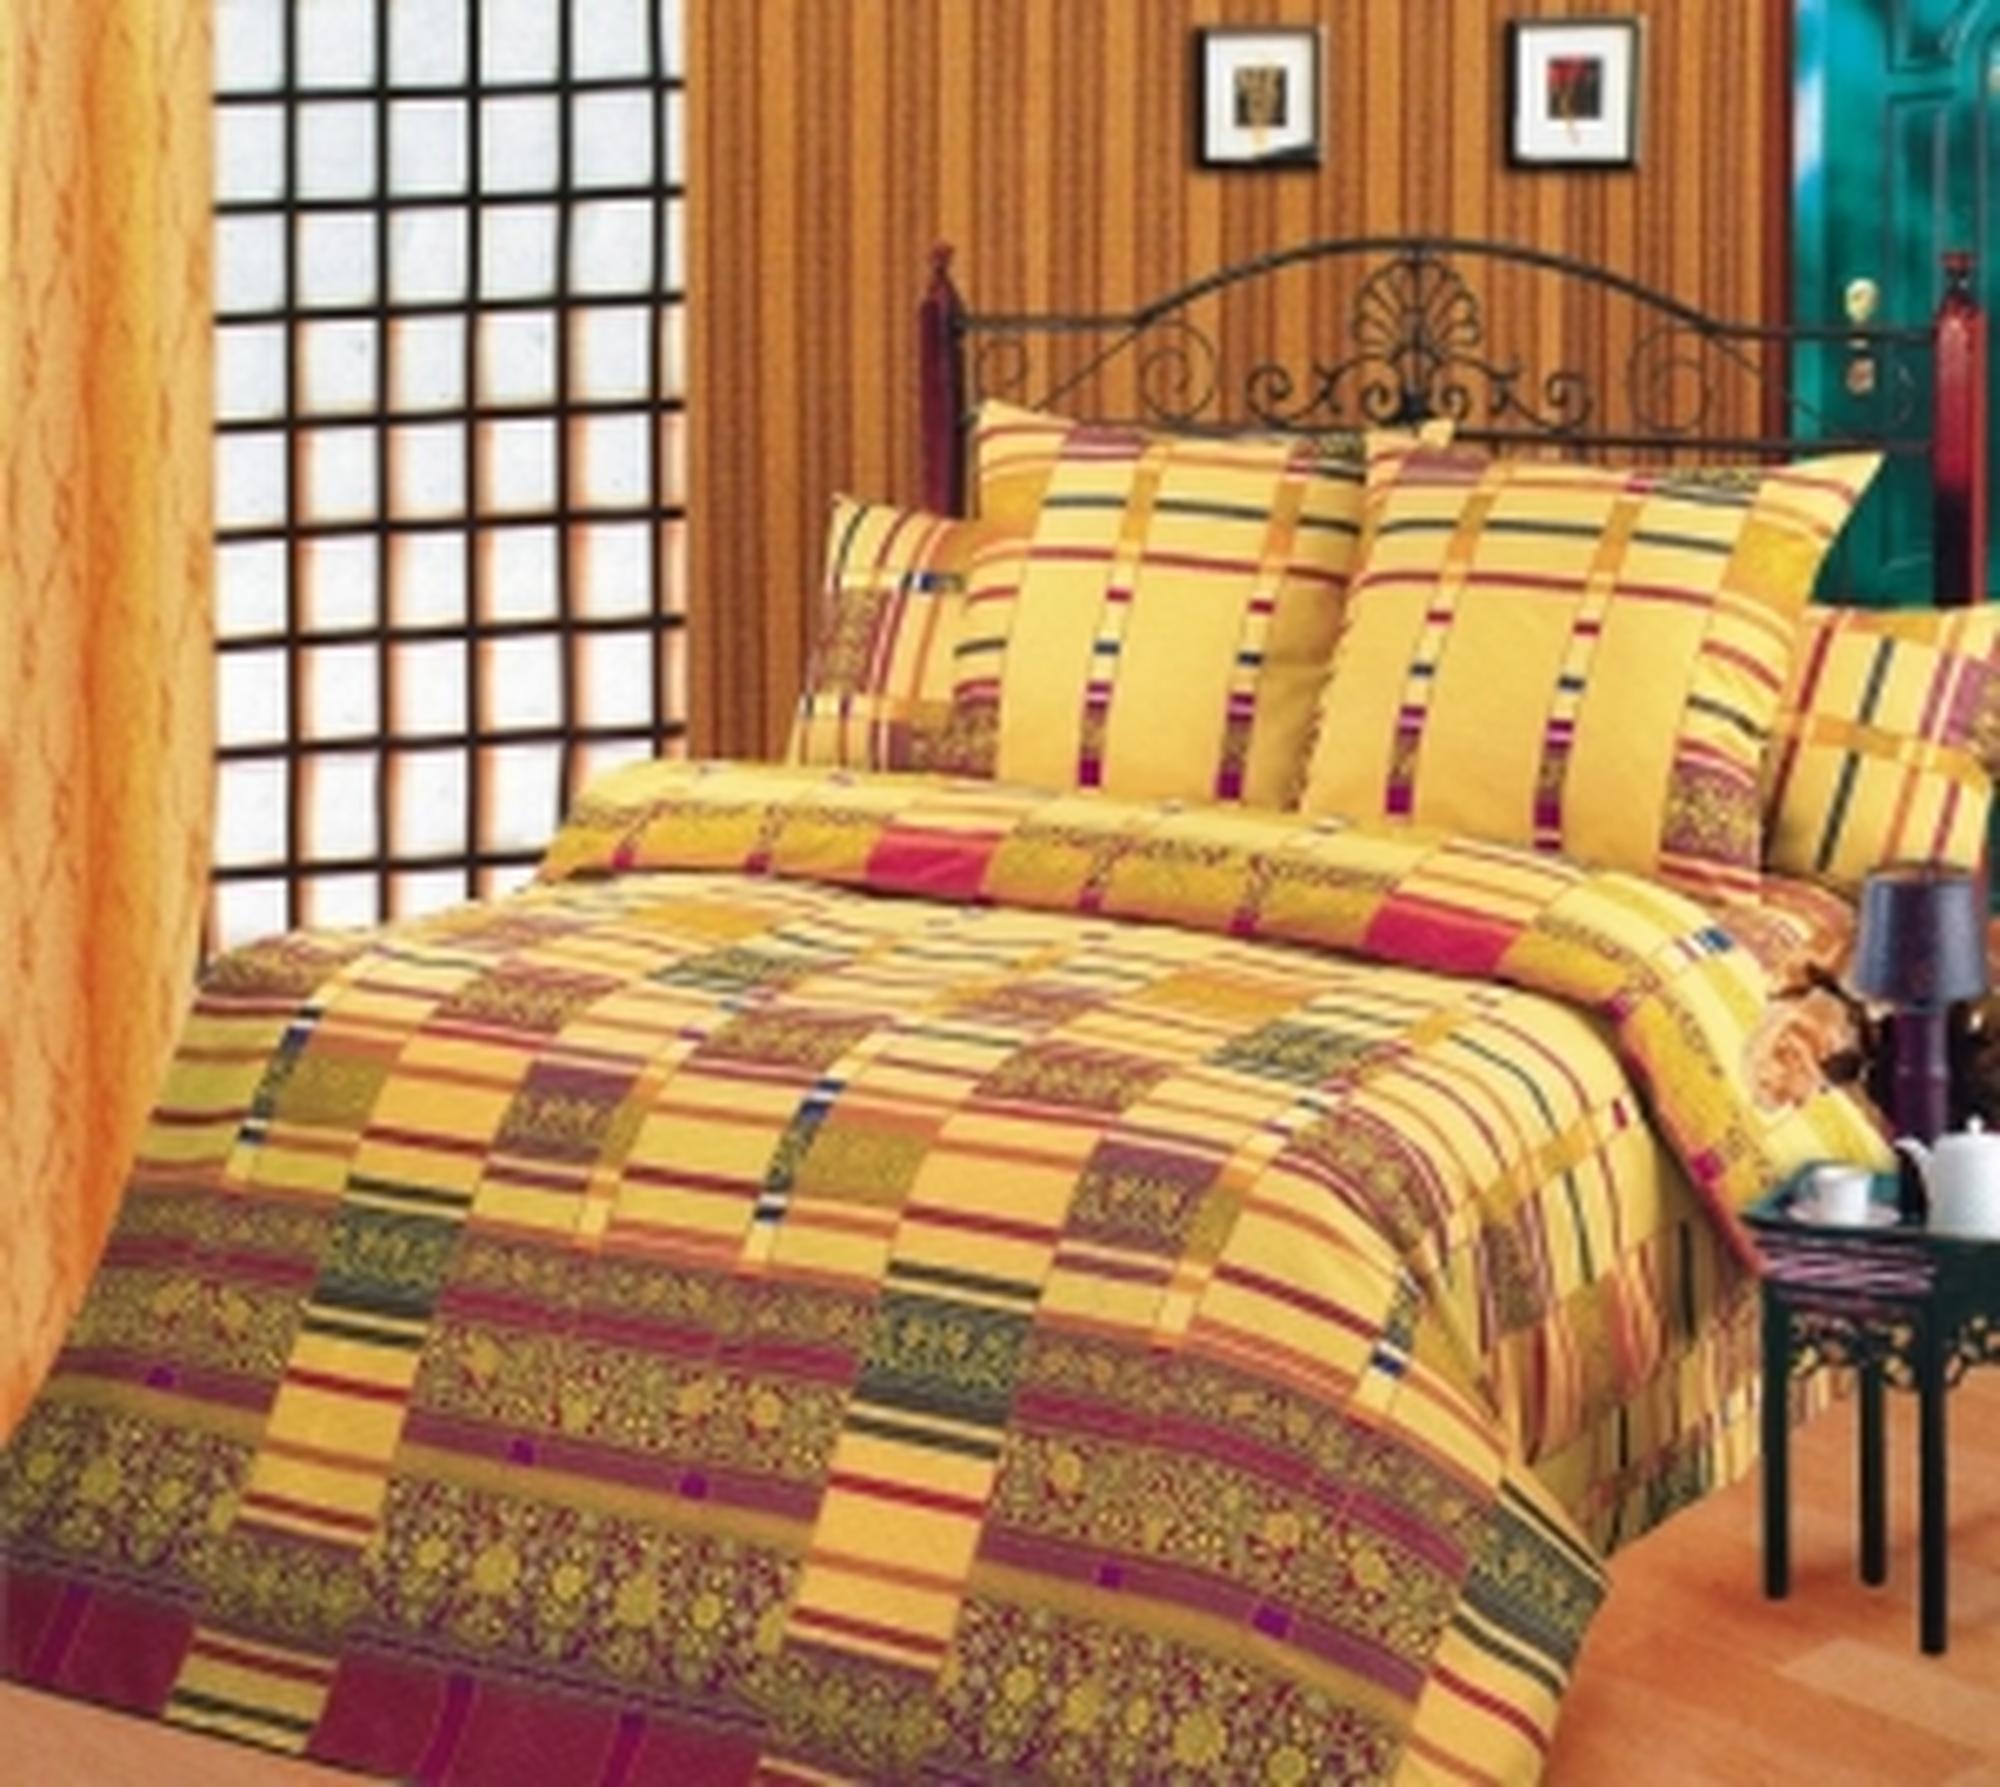 Текс Дизайн Комплект постельного белья «Версаль» евро 1, 4 предмета.